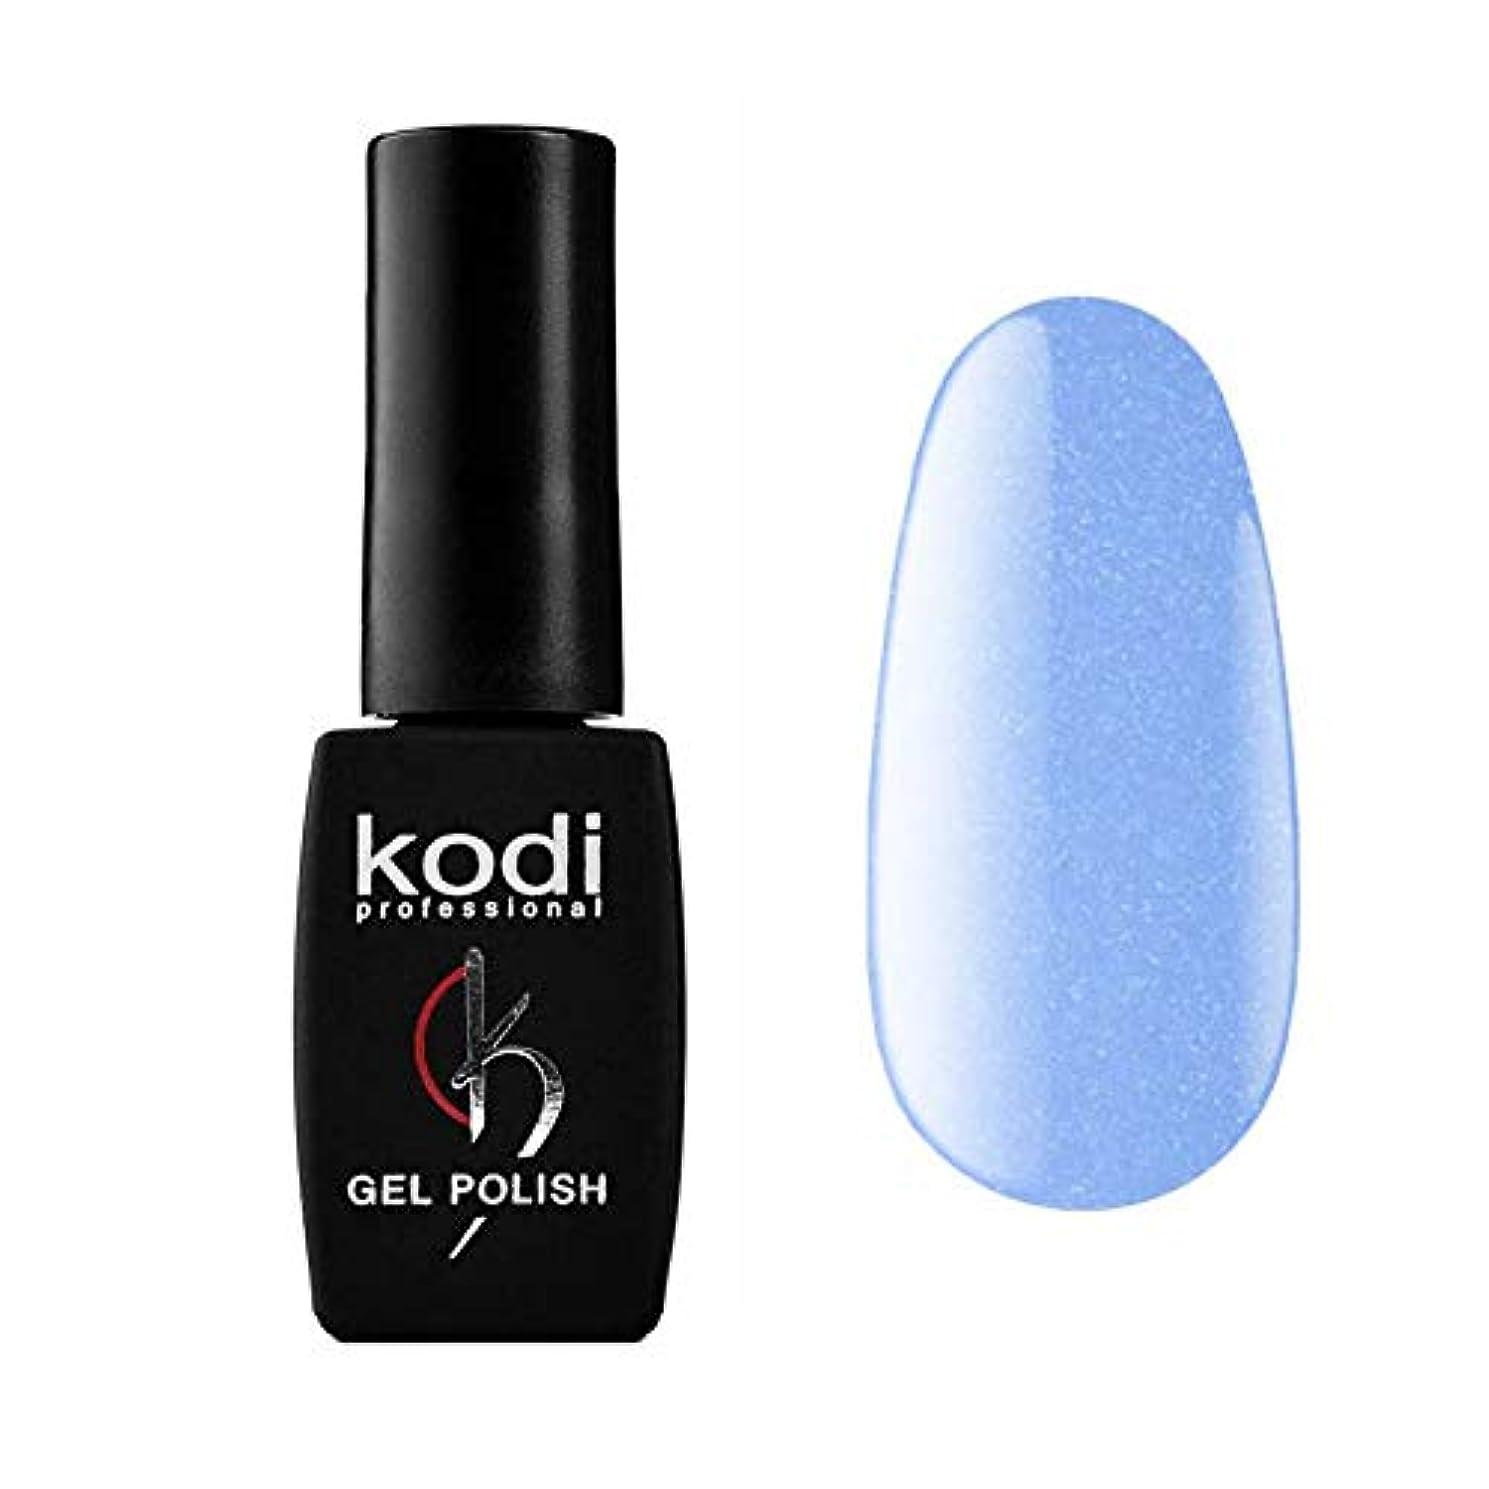 エロチックエンドテーブル一時停止Kodi Professional New Collection B BLUE #140 Color Gel Nail Polish 12ml 0.42 Fl Oz LED UV Genuine Soak Off